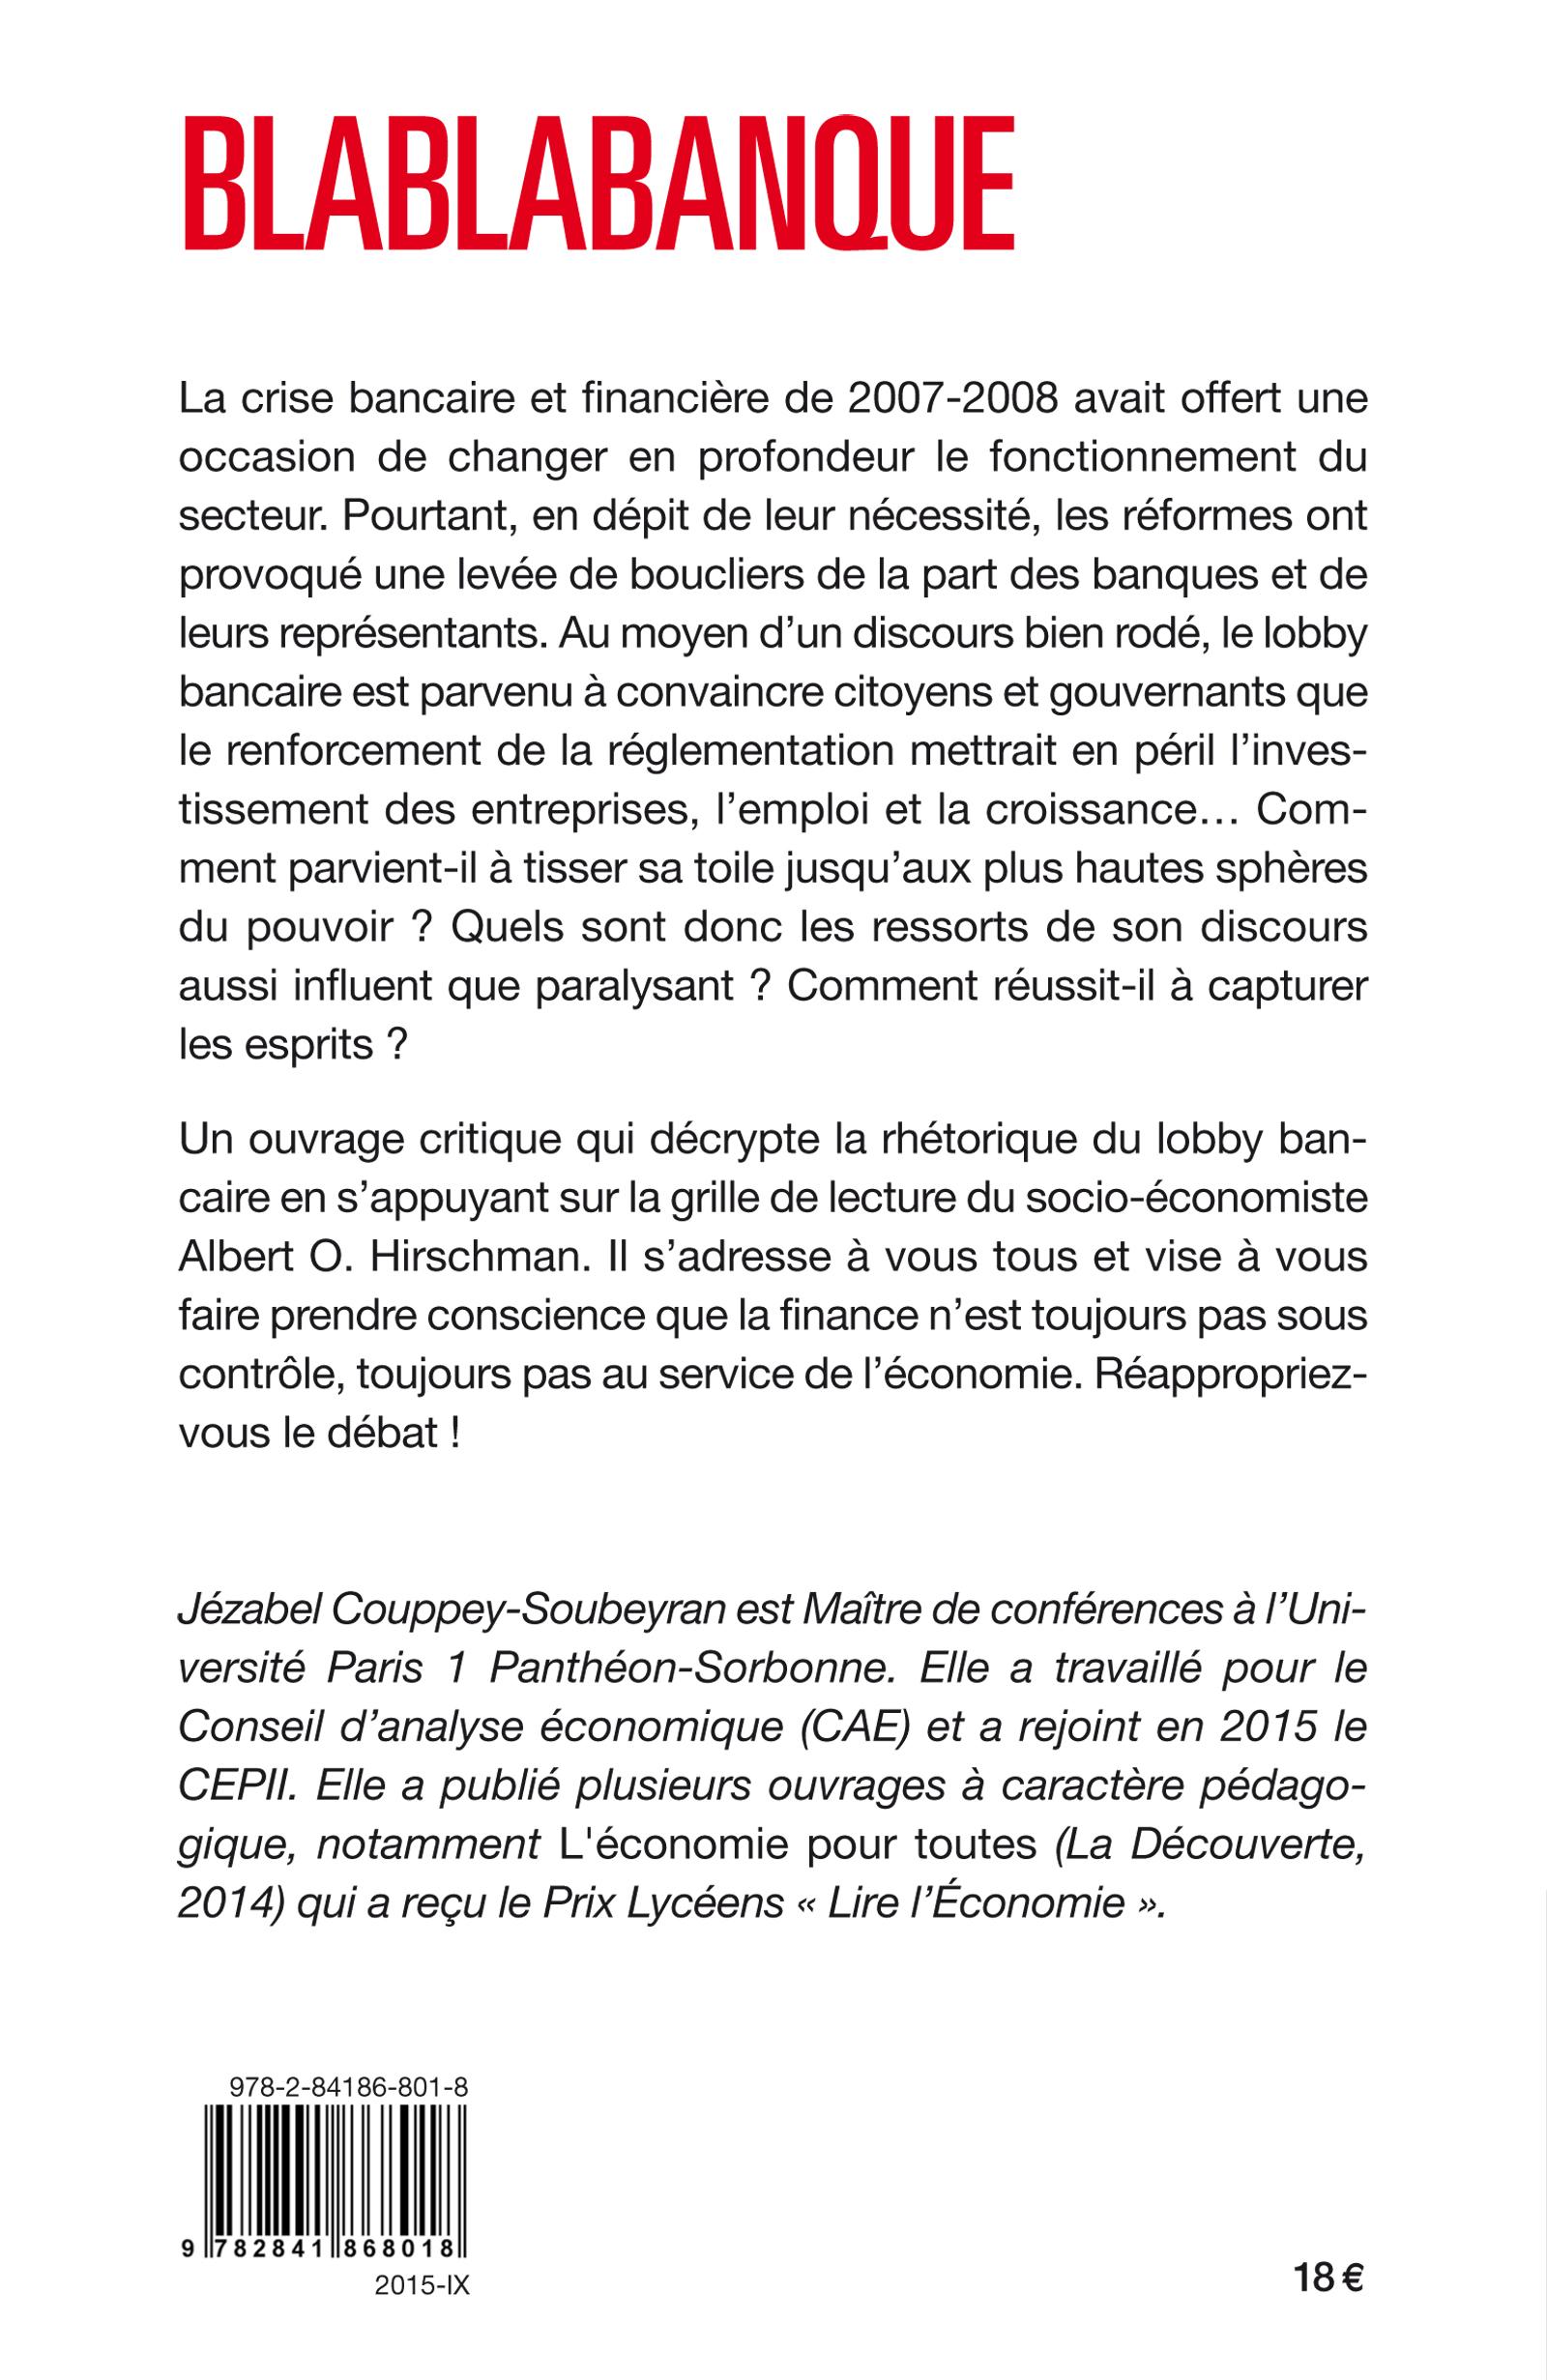 Blablabanque le discours de l 39 inaction j zabel couppey - Grille de salaire secteur bancaire tunisie ...